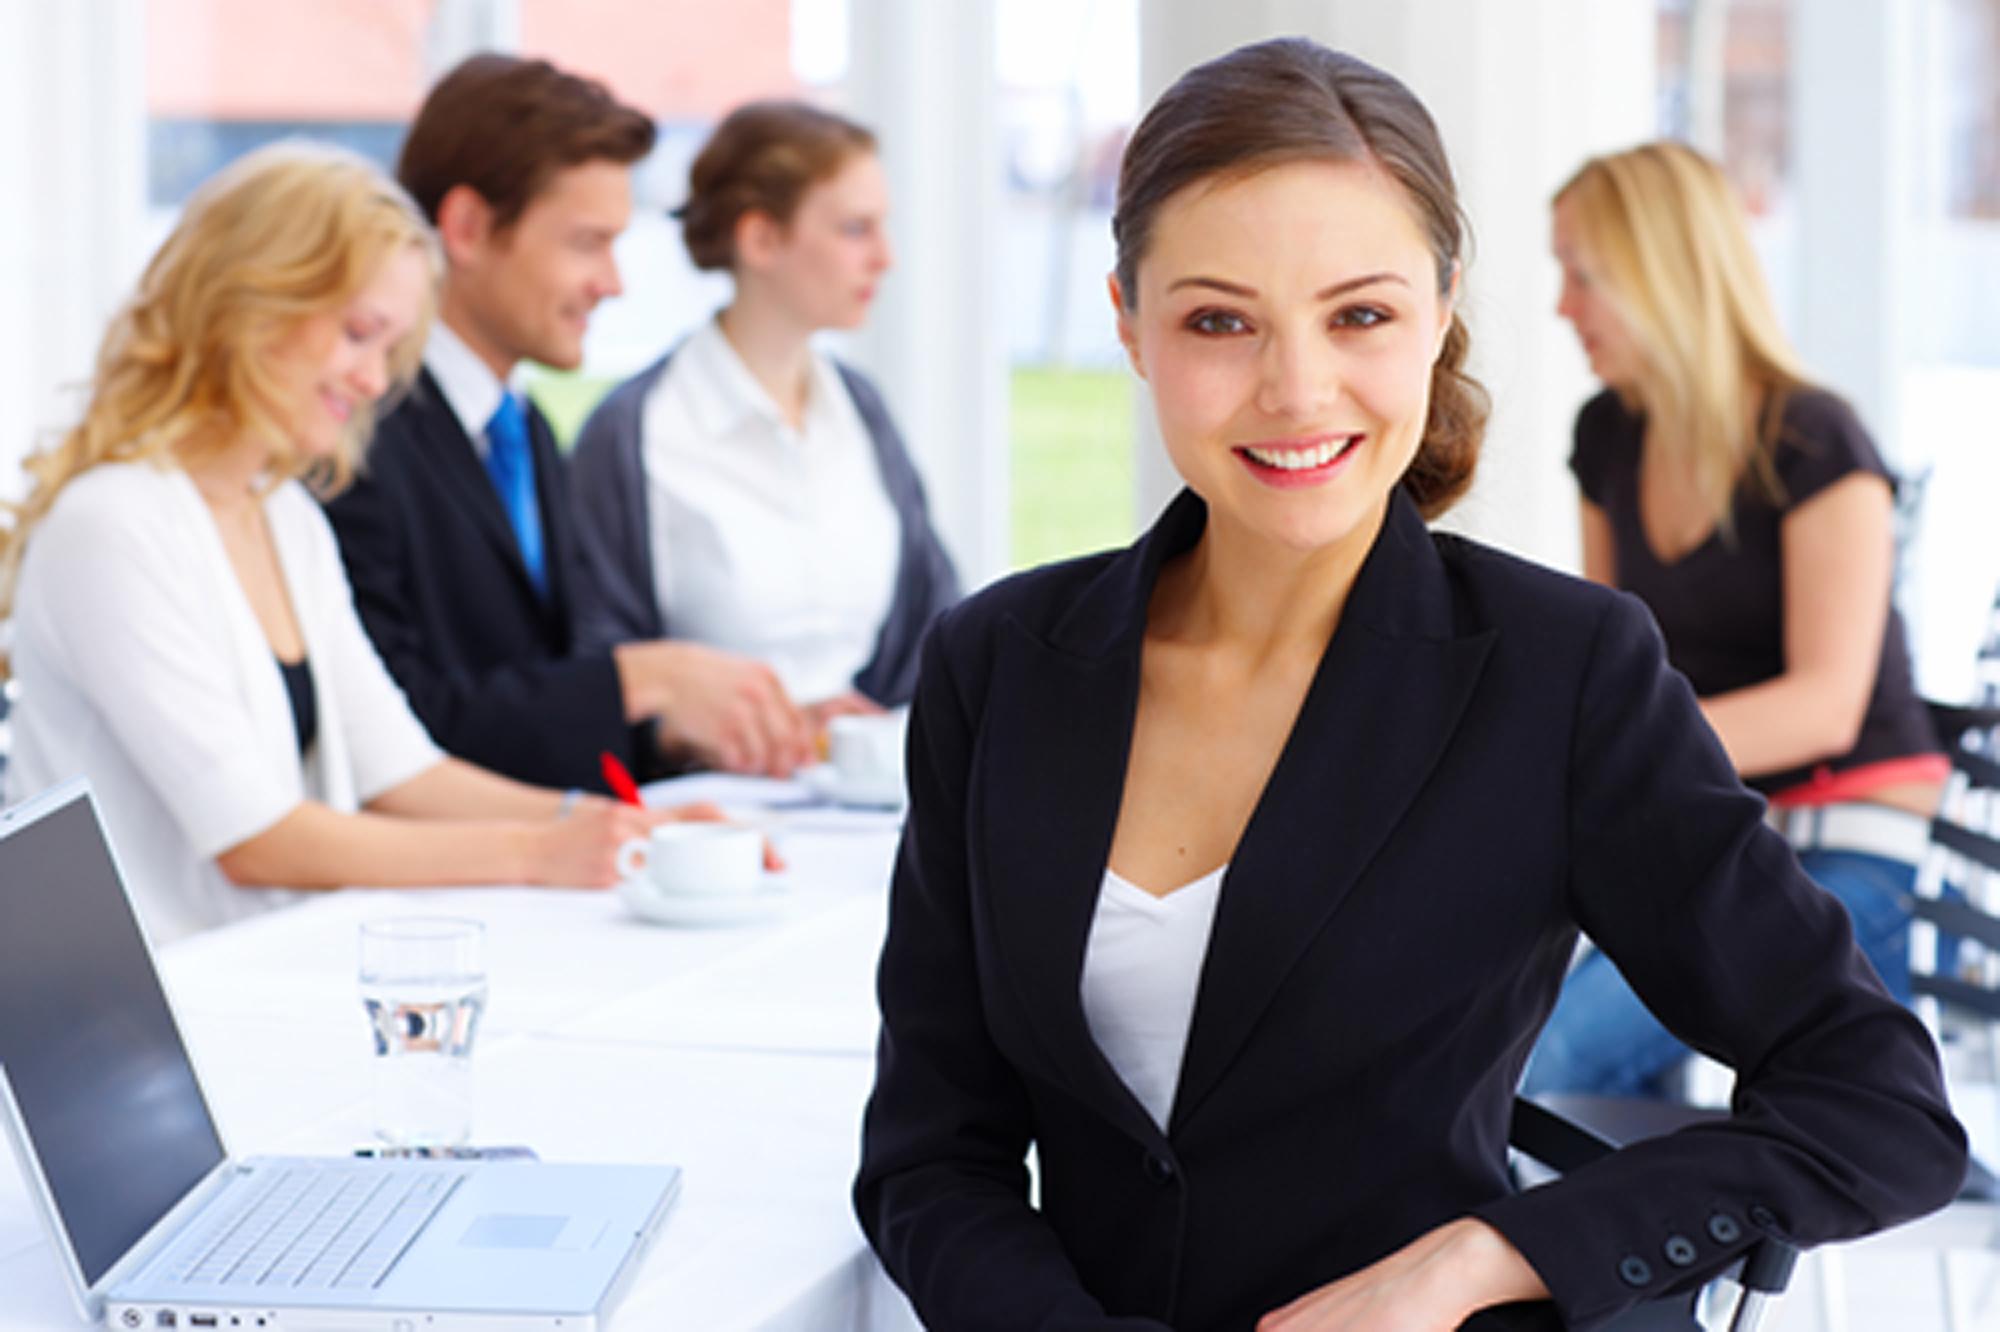 нужна ли прописка для трудоустройства